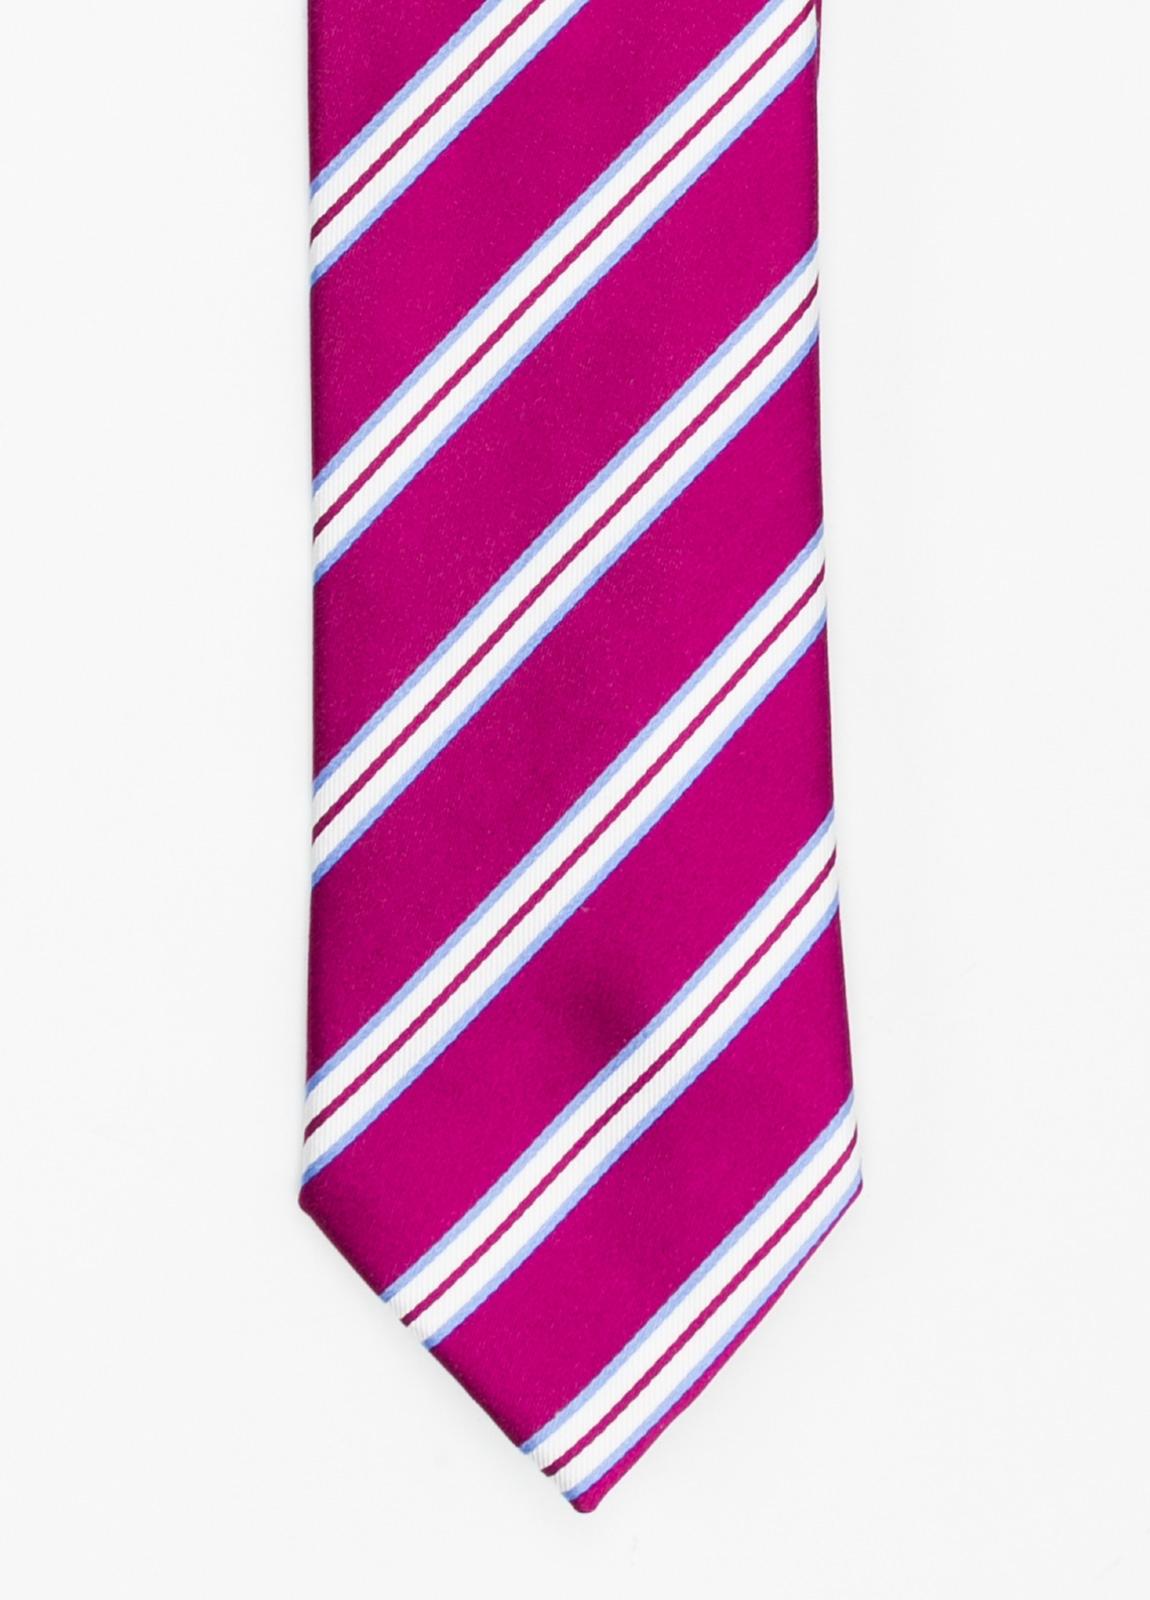 Corbata Formal Wear rayas en diagonal color fuxia. Pala 7,5 cm. 100% Seda.